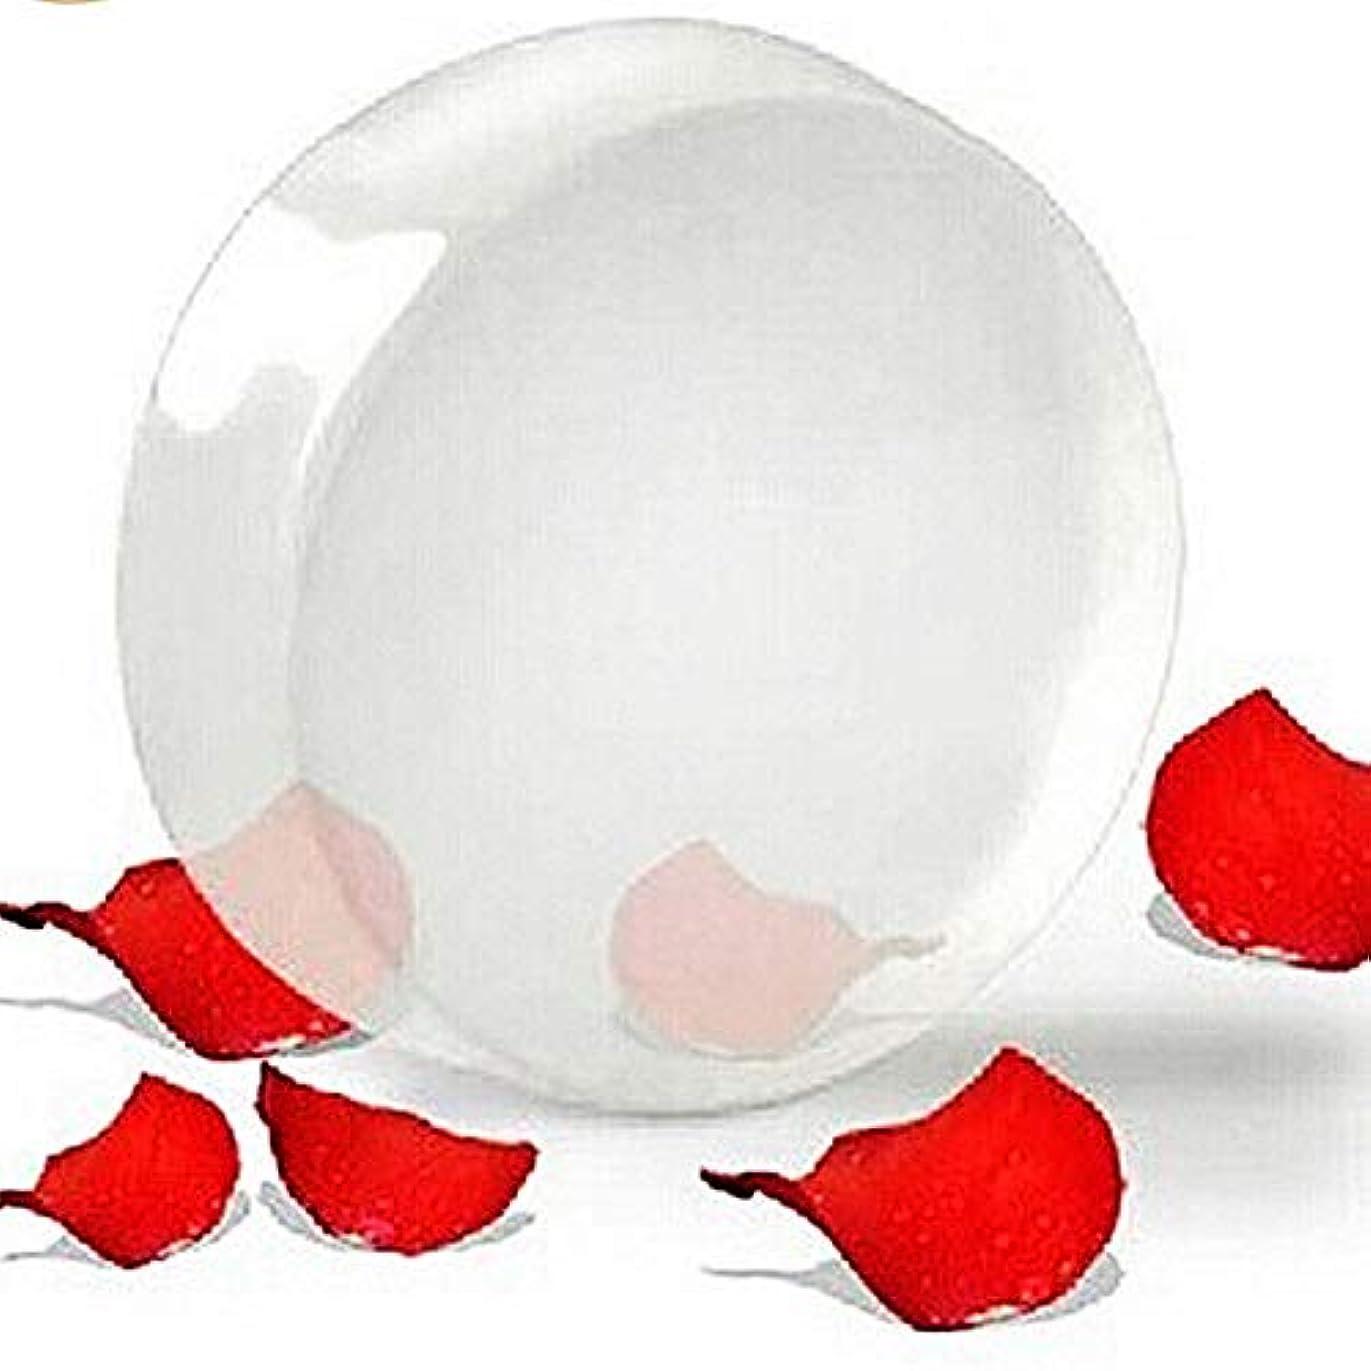 ツーリストボリューム蛾RedPegせっけんクリスタル乳首親密なプライベート漂白唇スキンボディピンクホワイトニングアメージング